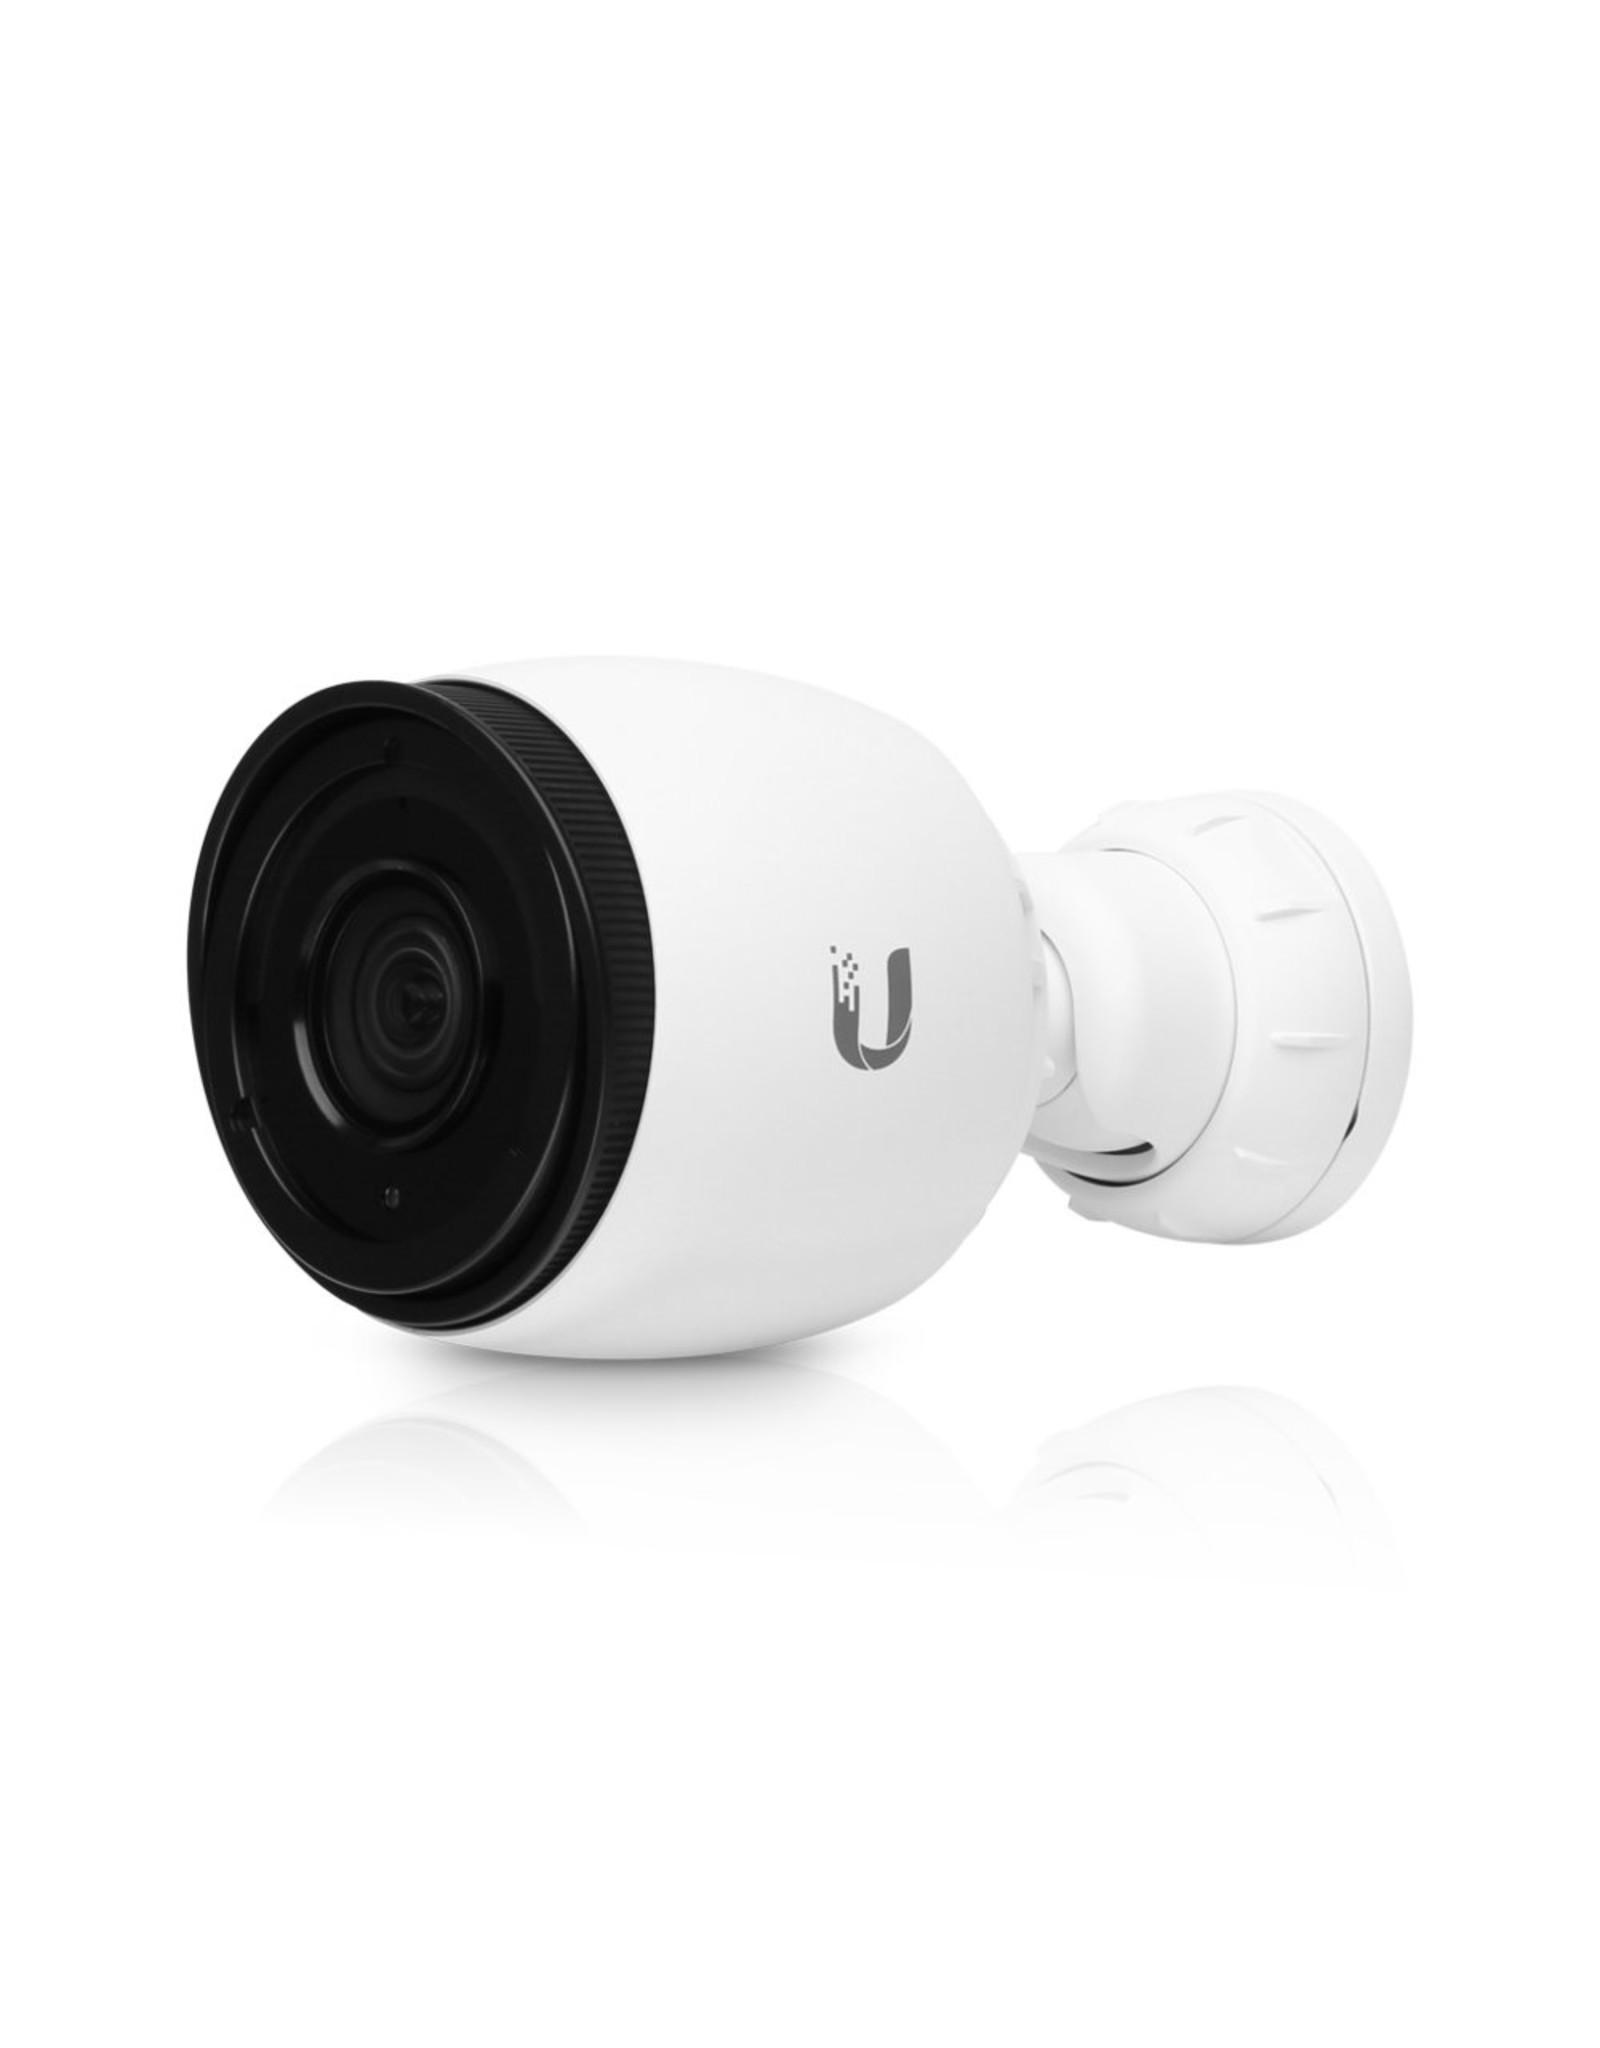 Ubiquiti UniFi Video Camera G3-PRO